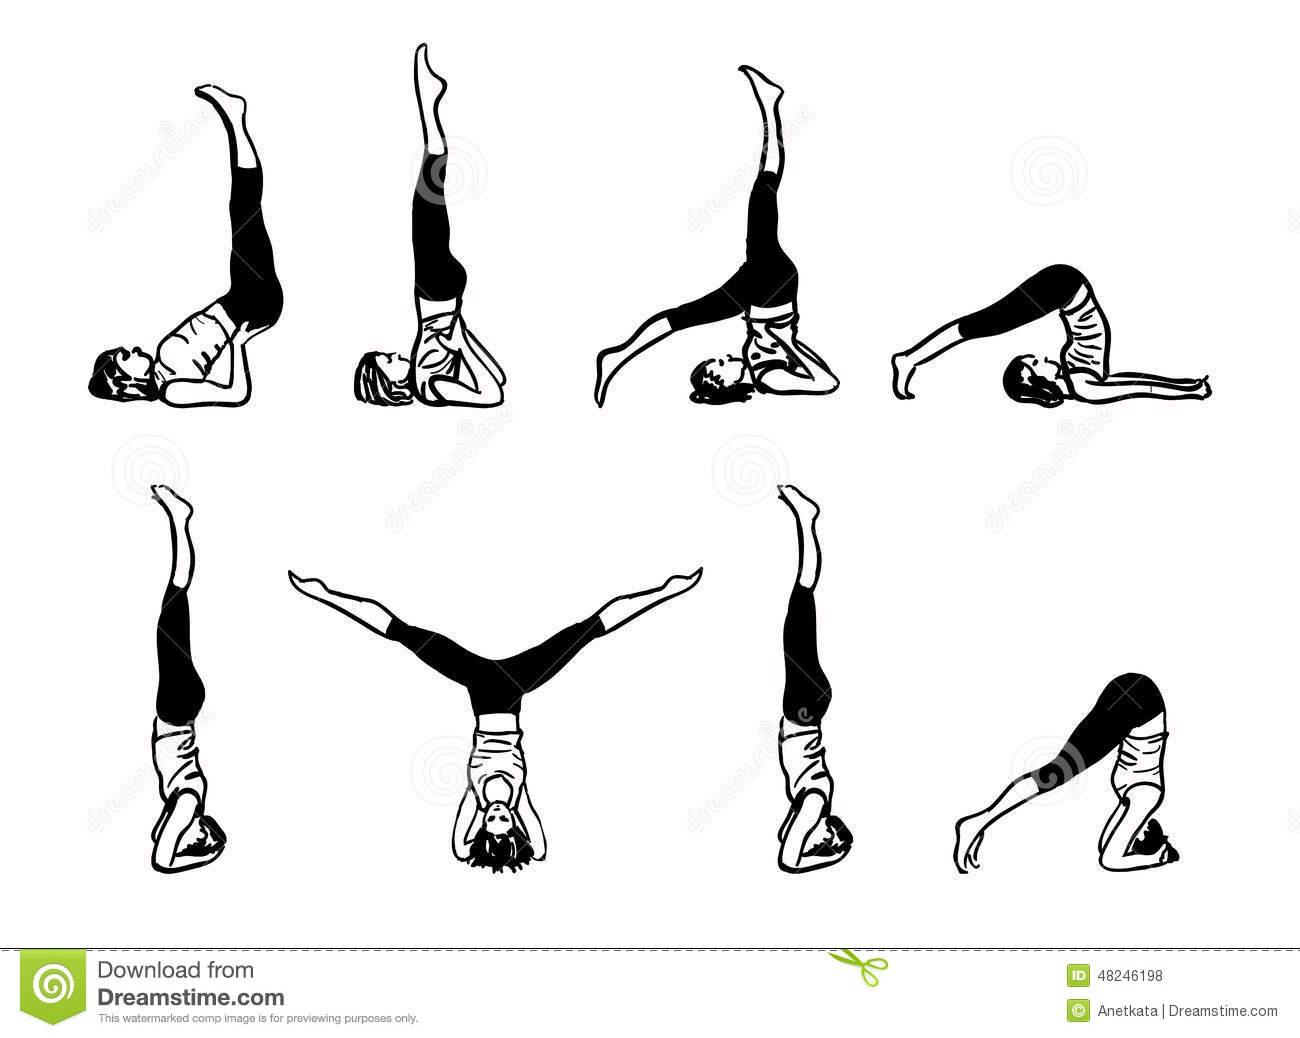 complejo-de-las-posturas-invertidas-de-la-yoga-48246198